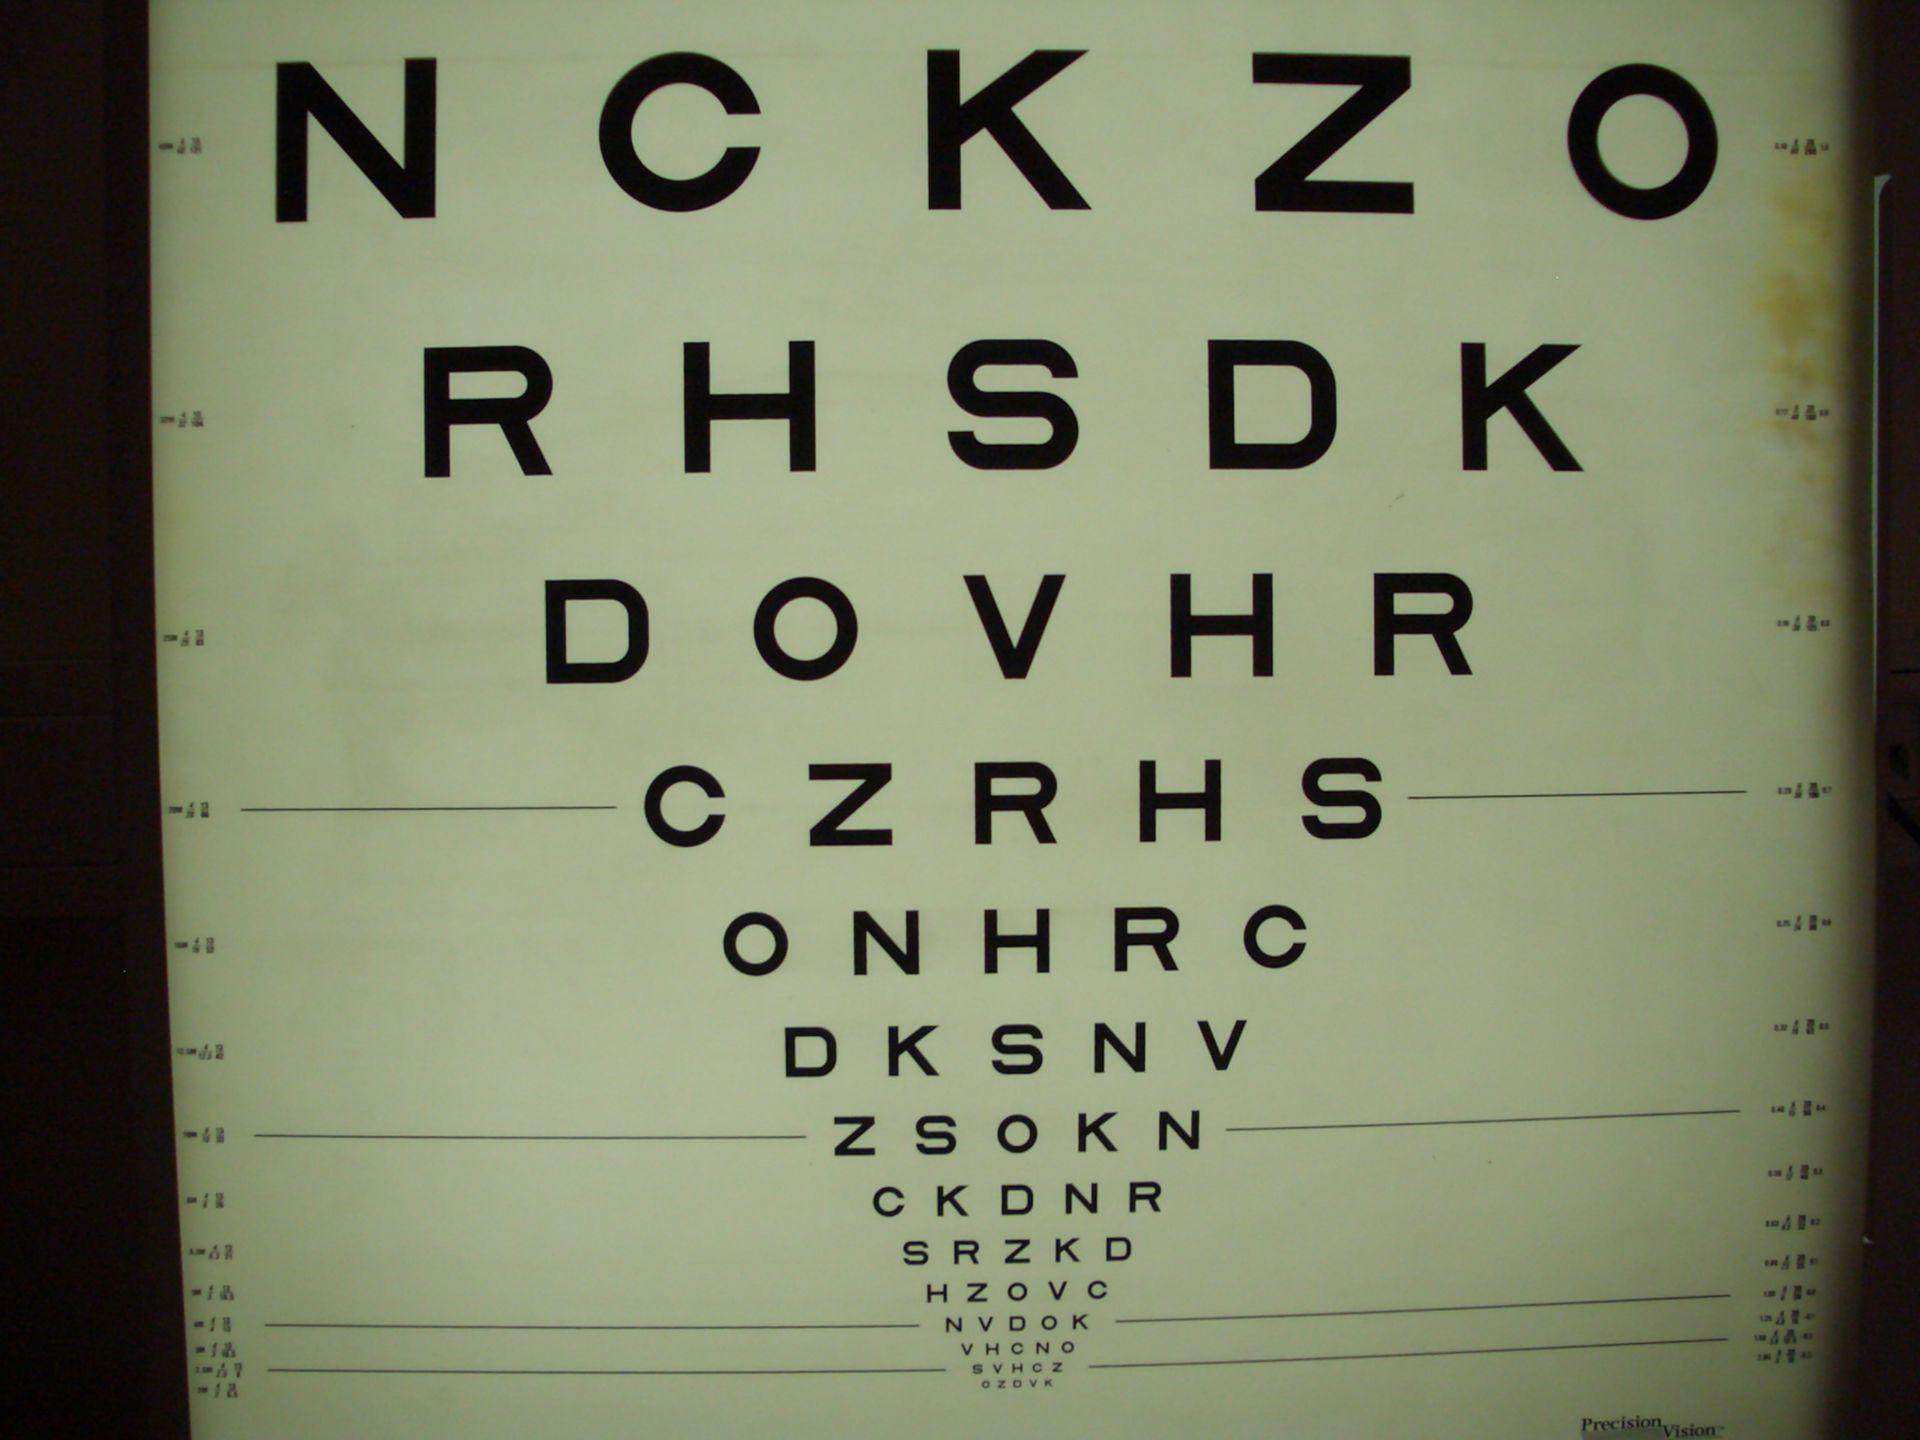 Snellen eye chart (modified)